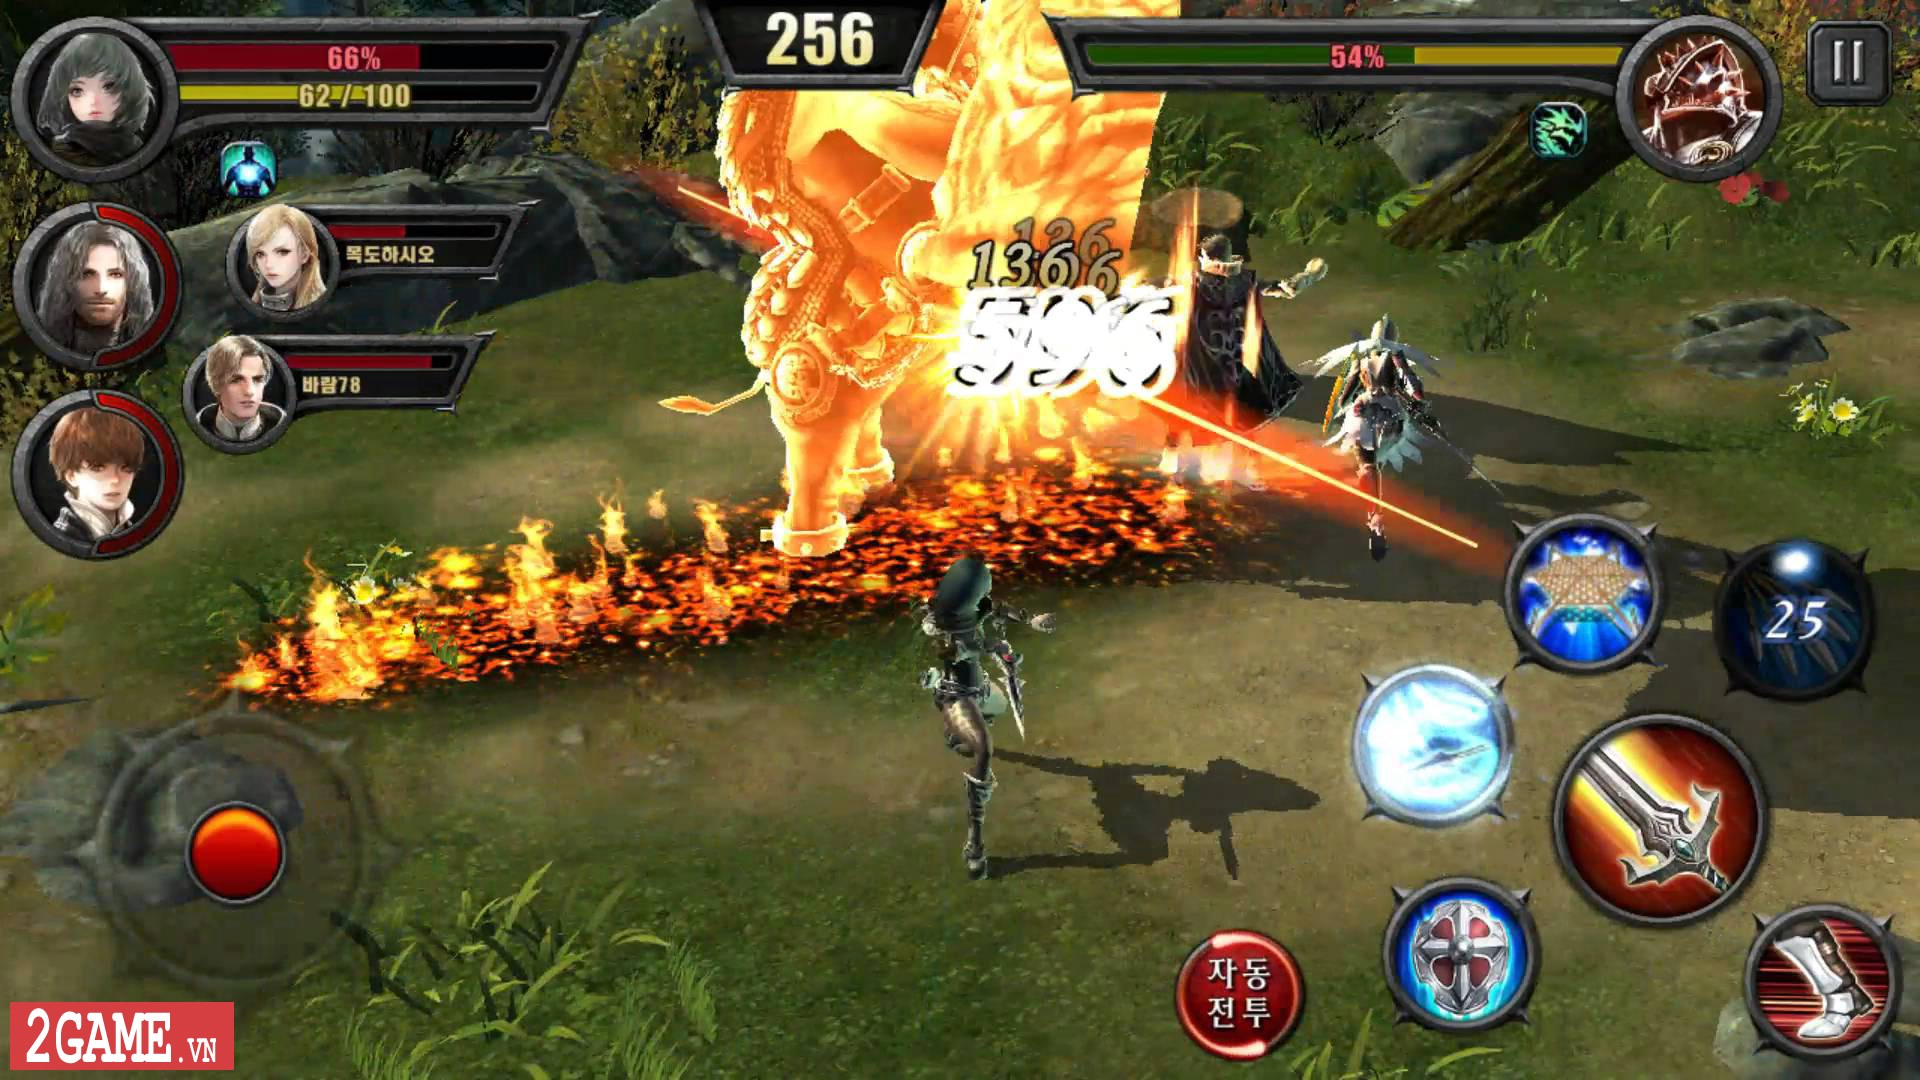 Dragon Raja M - Game mobile nhập vai chặt chém ra mắt season 2 với nhiều cải tiến mới 0